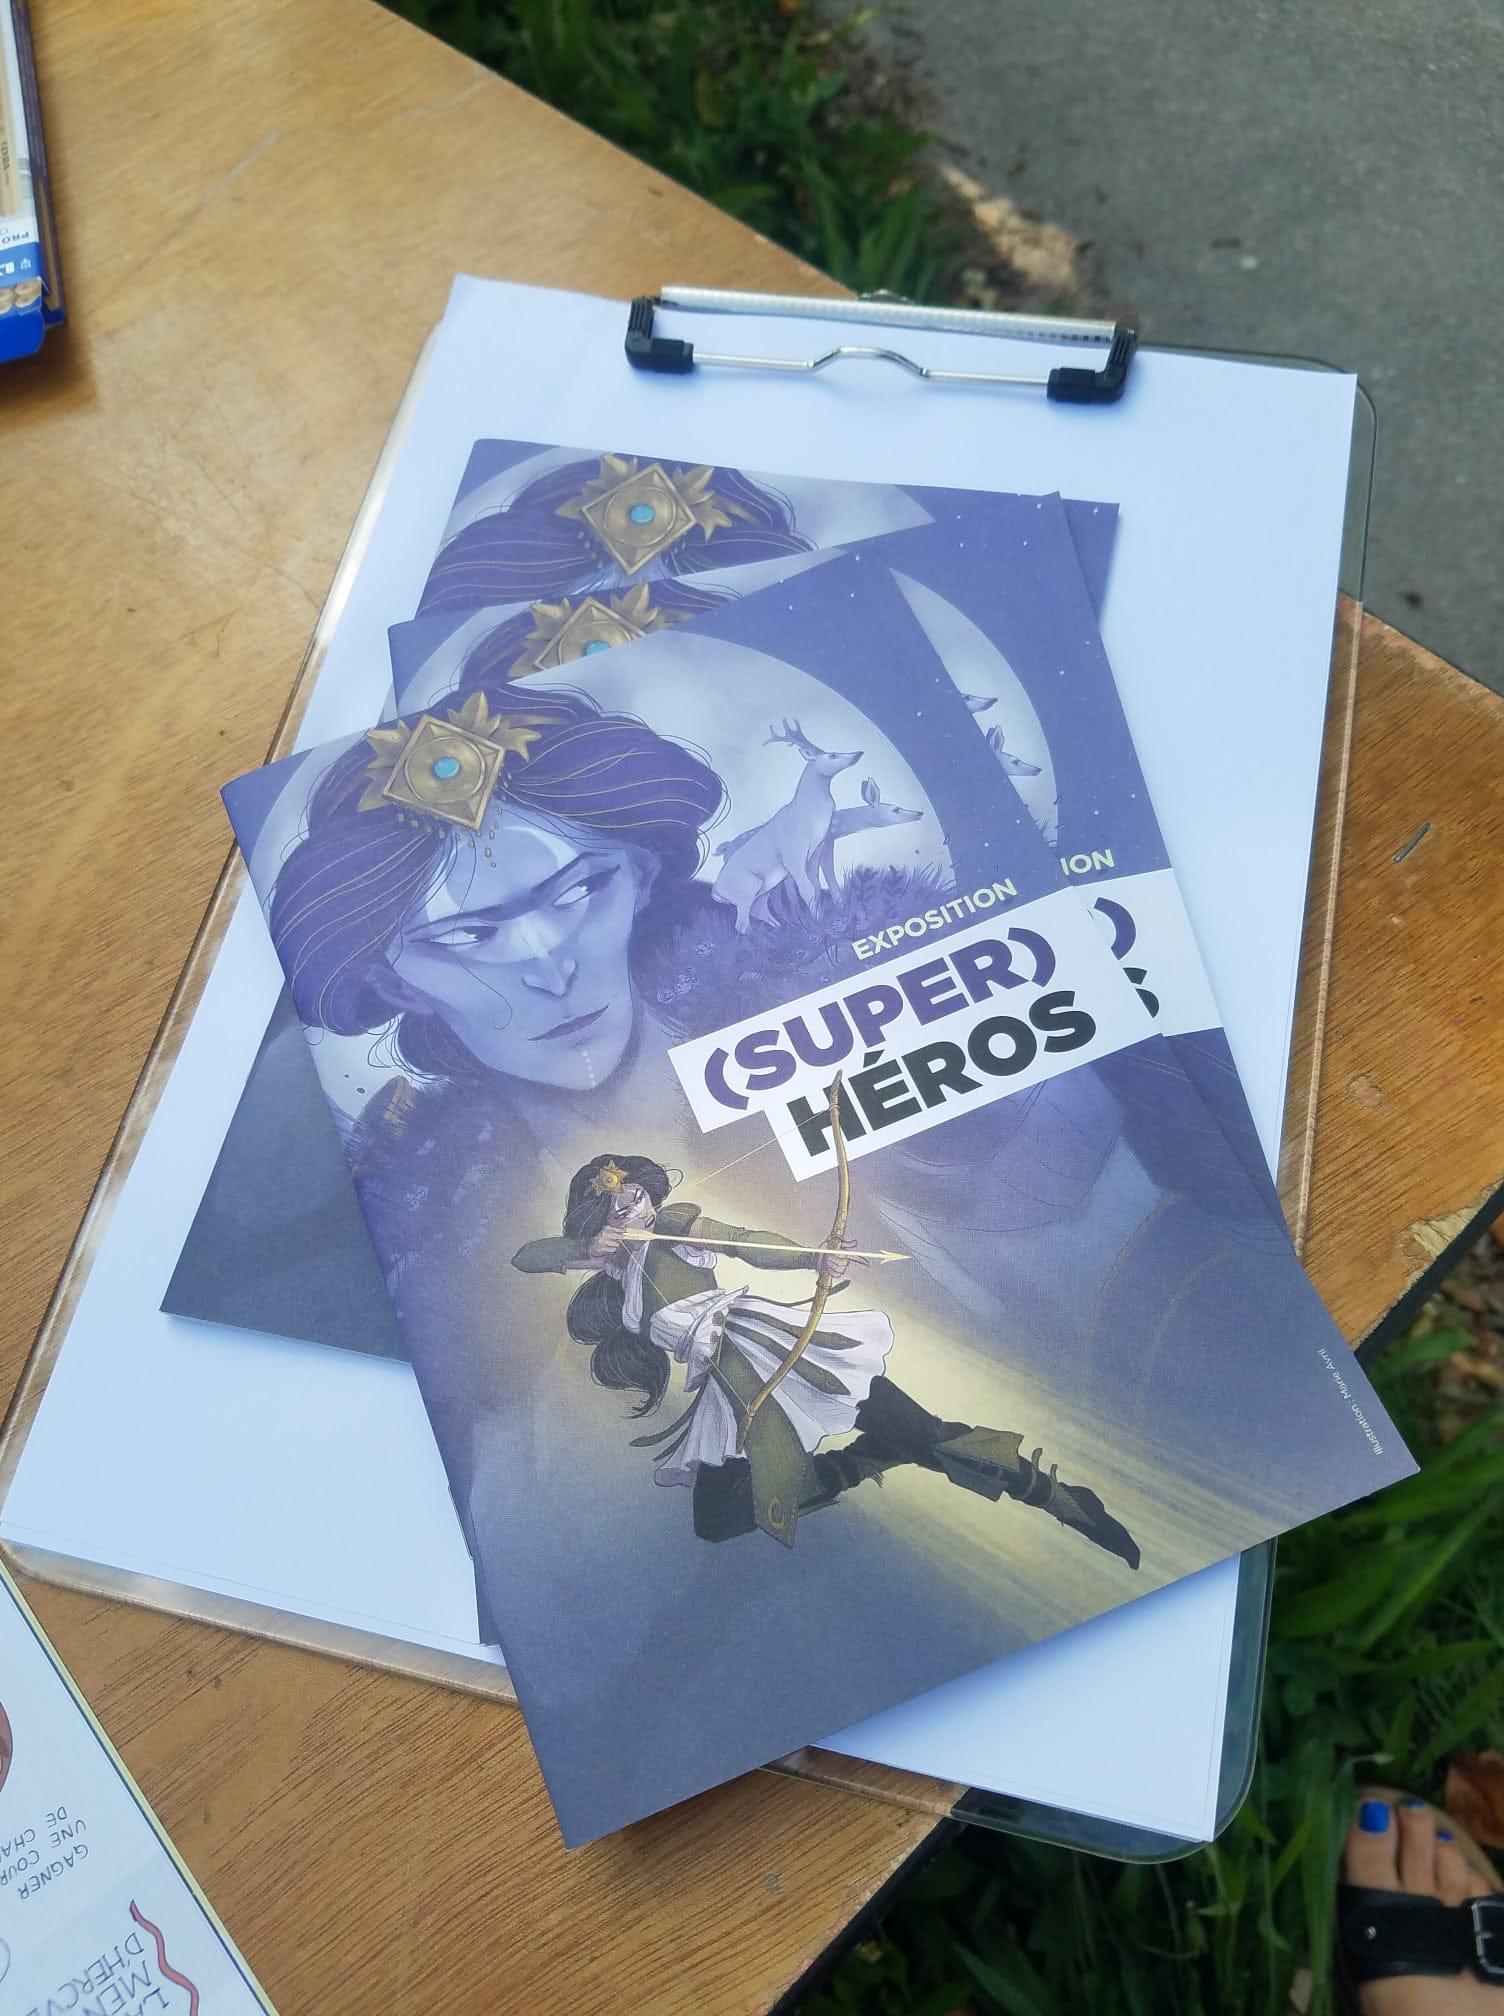 Super rendez-vous - Médiathèque Maison de quartier Léonard de Vinci - atelier Super Héros - 17 août 2021